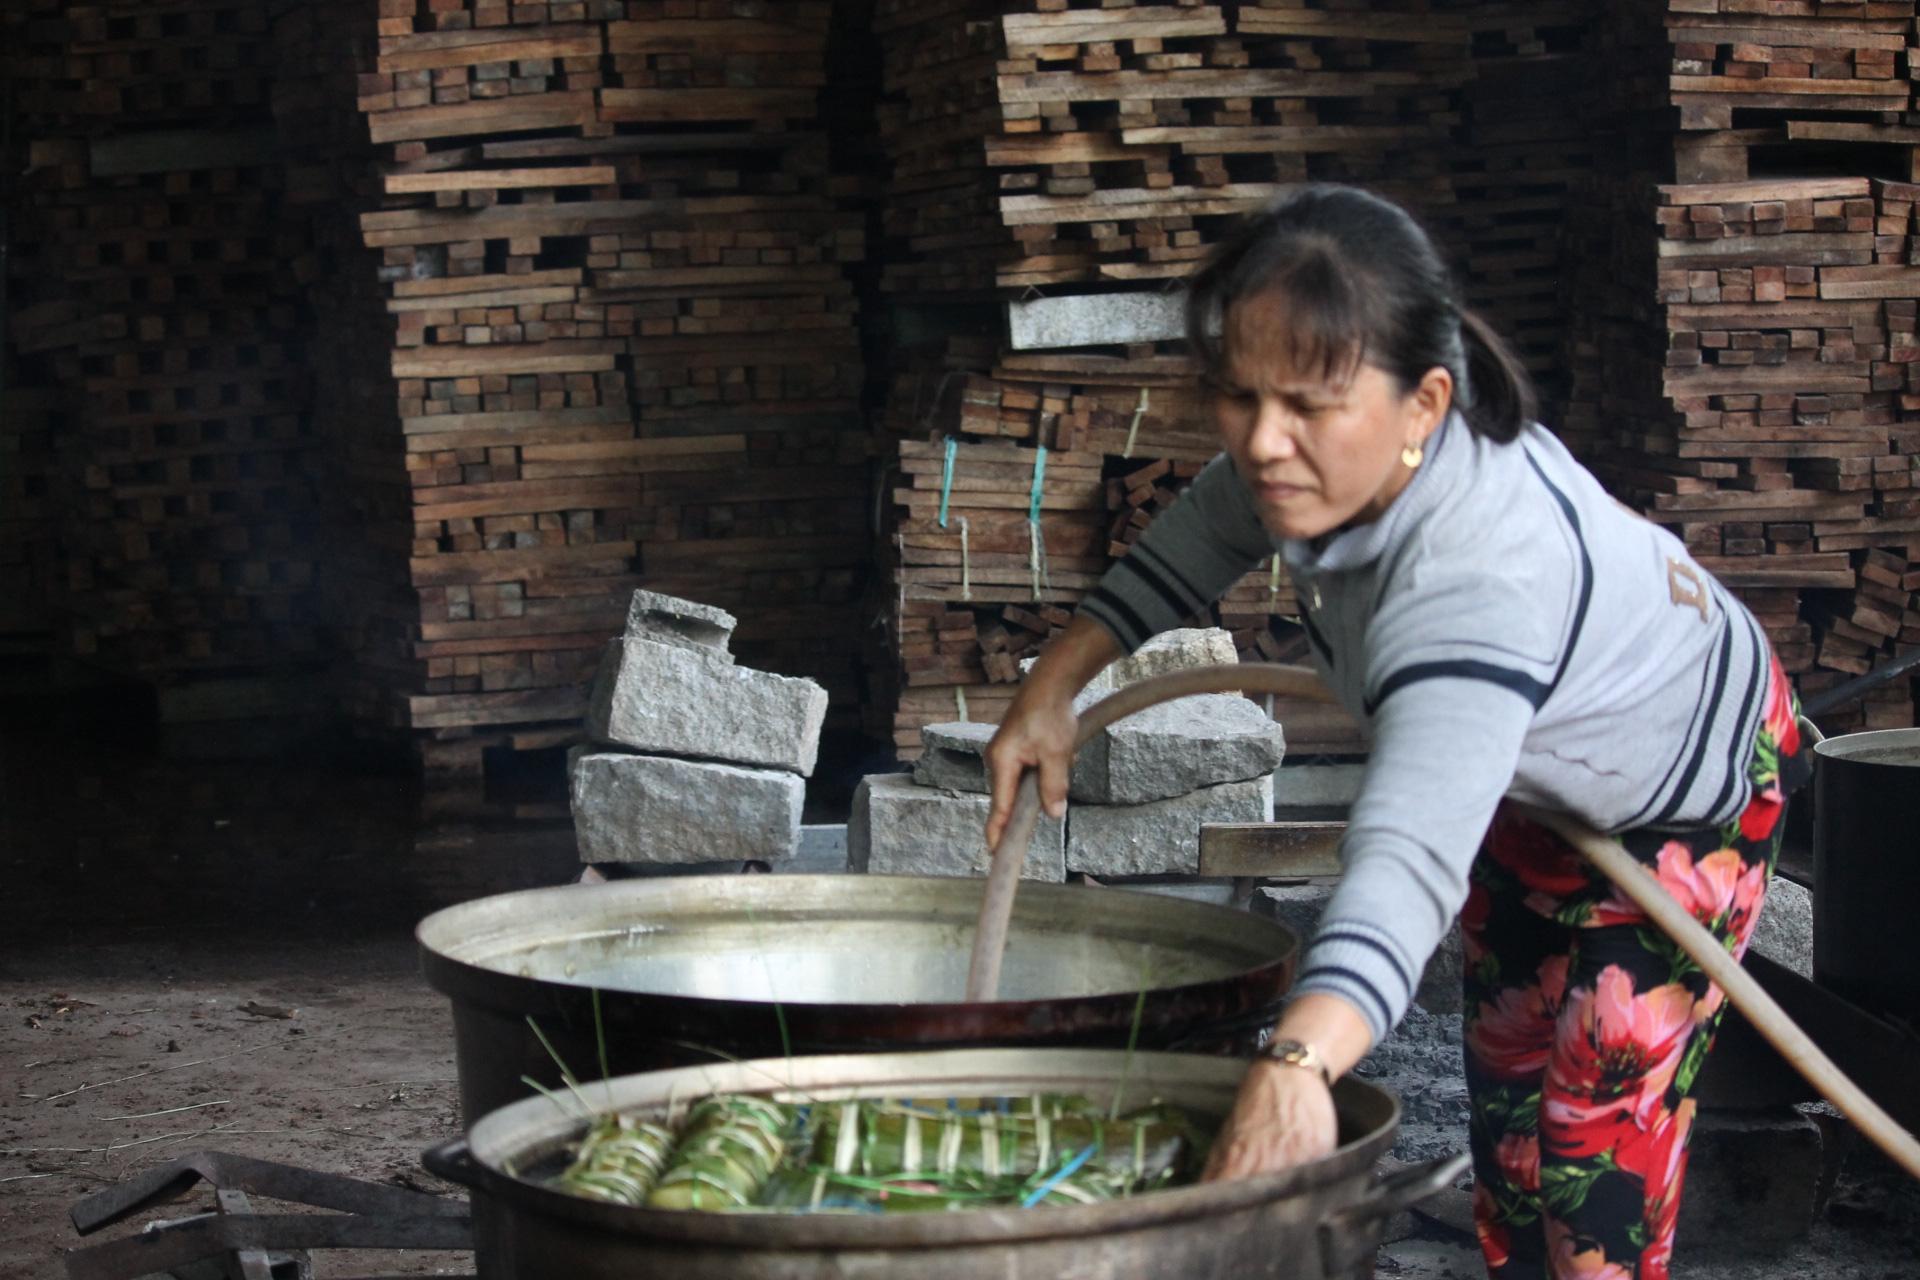 Người dân Khánh Hòa gói hàng ngàn chiếc bánh chưng, bánh tét hỗ trợ đồng bào miền Trung - Ảnh 6.